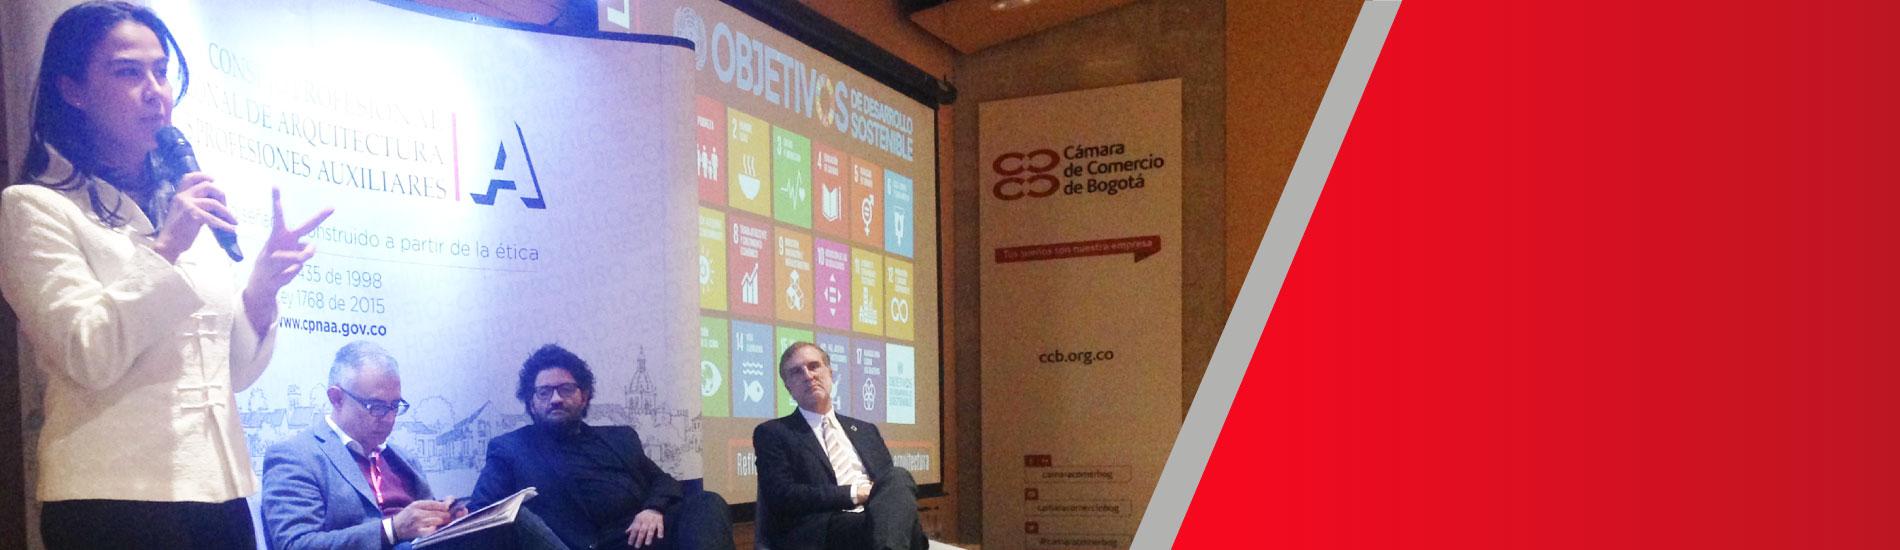 Docente UFPS participó como ponente del 3er Encuentro de responsabilidad social en la arquitectura